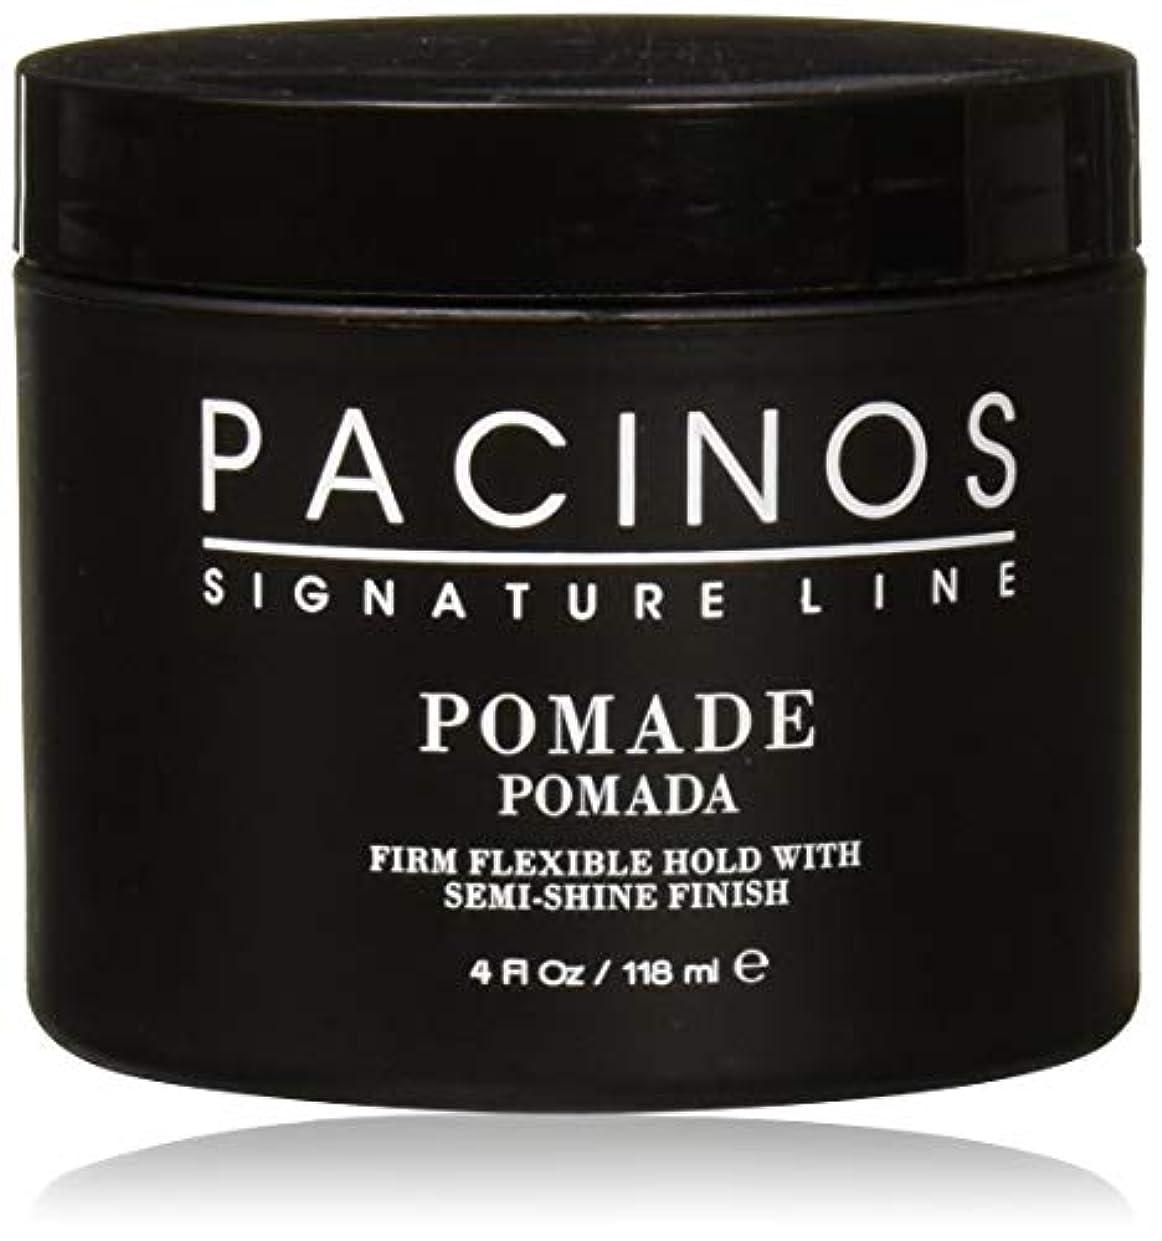 驚くばかり八百屋影響Pacinos Pomade パチーノス?ポマード【日本正規品】4oz(118g)